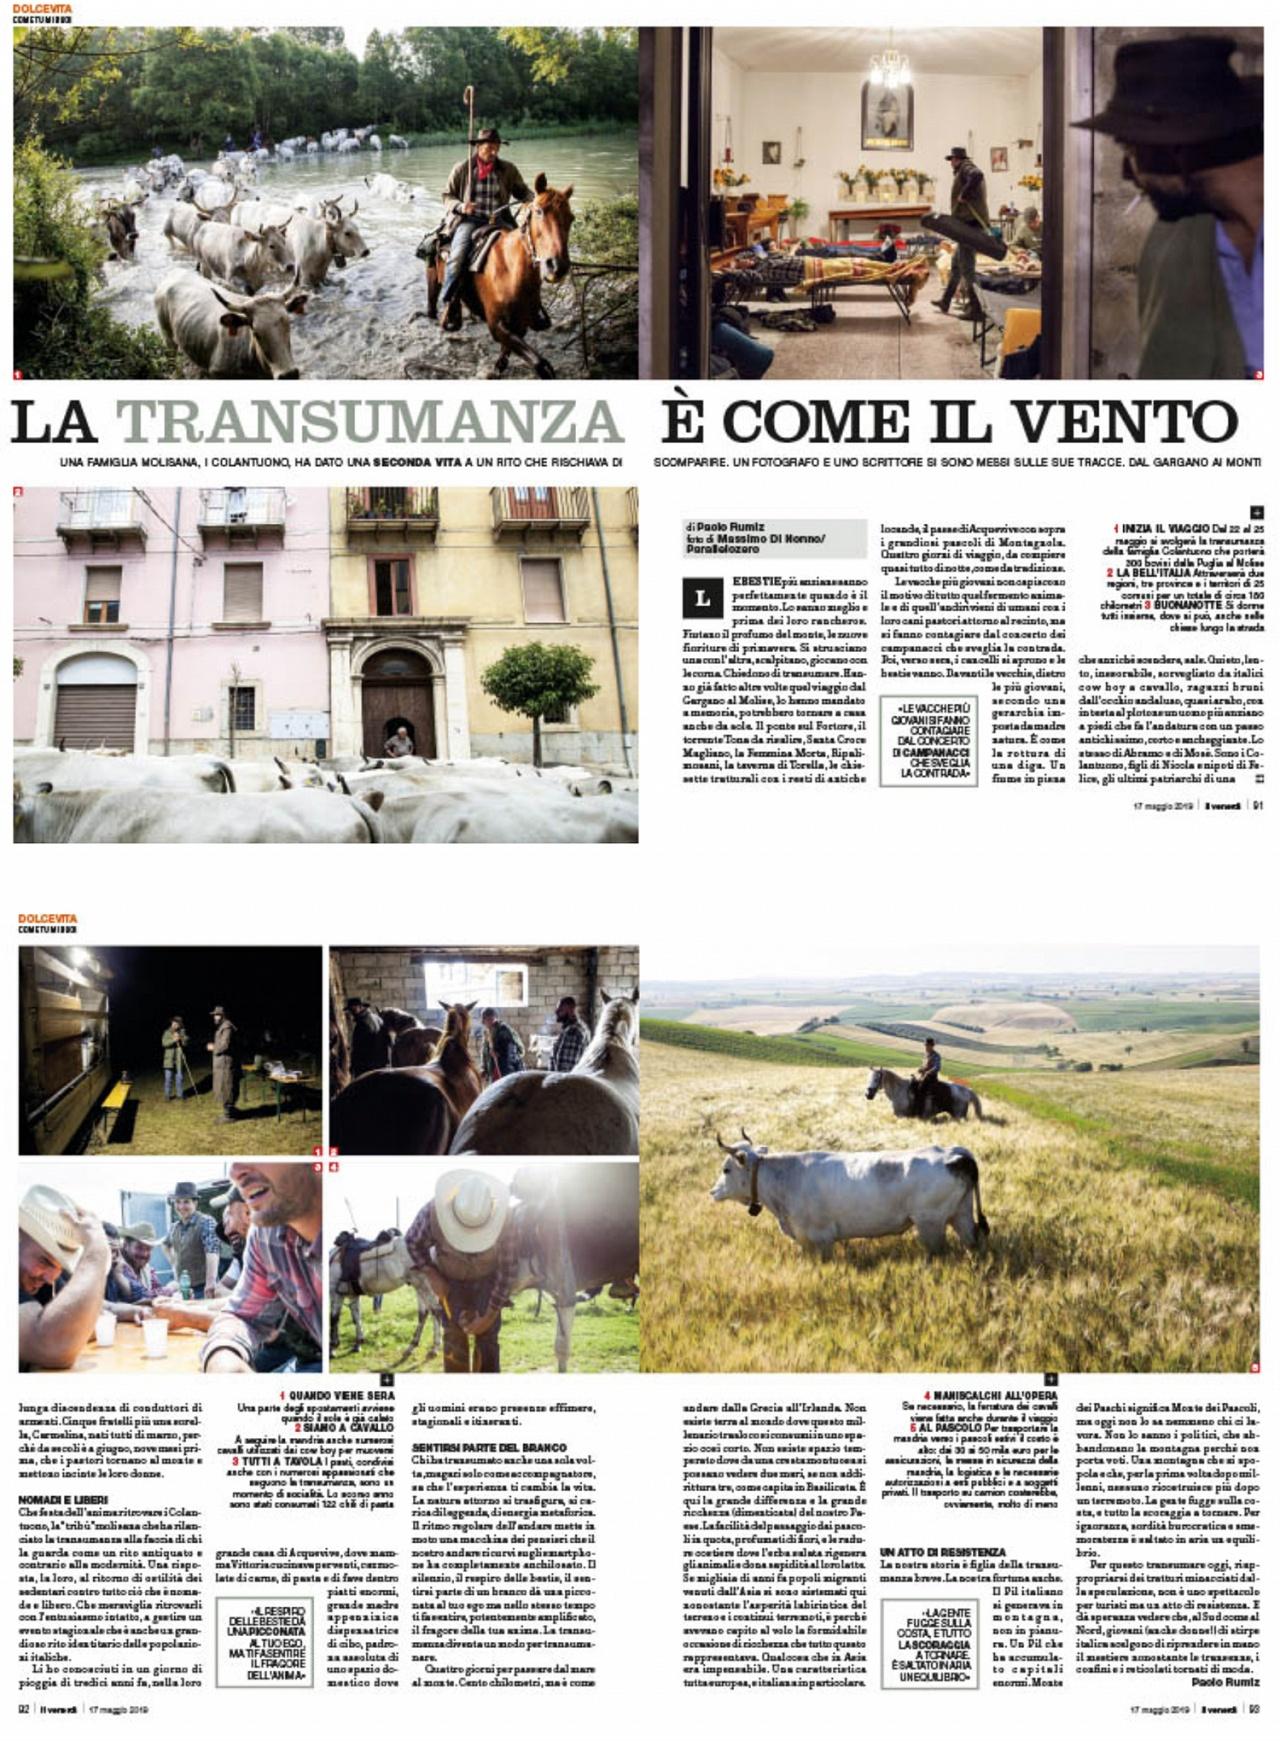 La transumanza è come il vento. - On Il Venerdì weekly magazine of La Repubblica (2019)